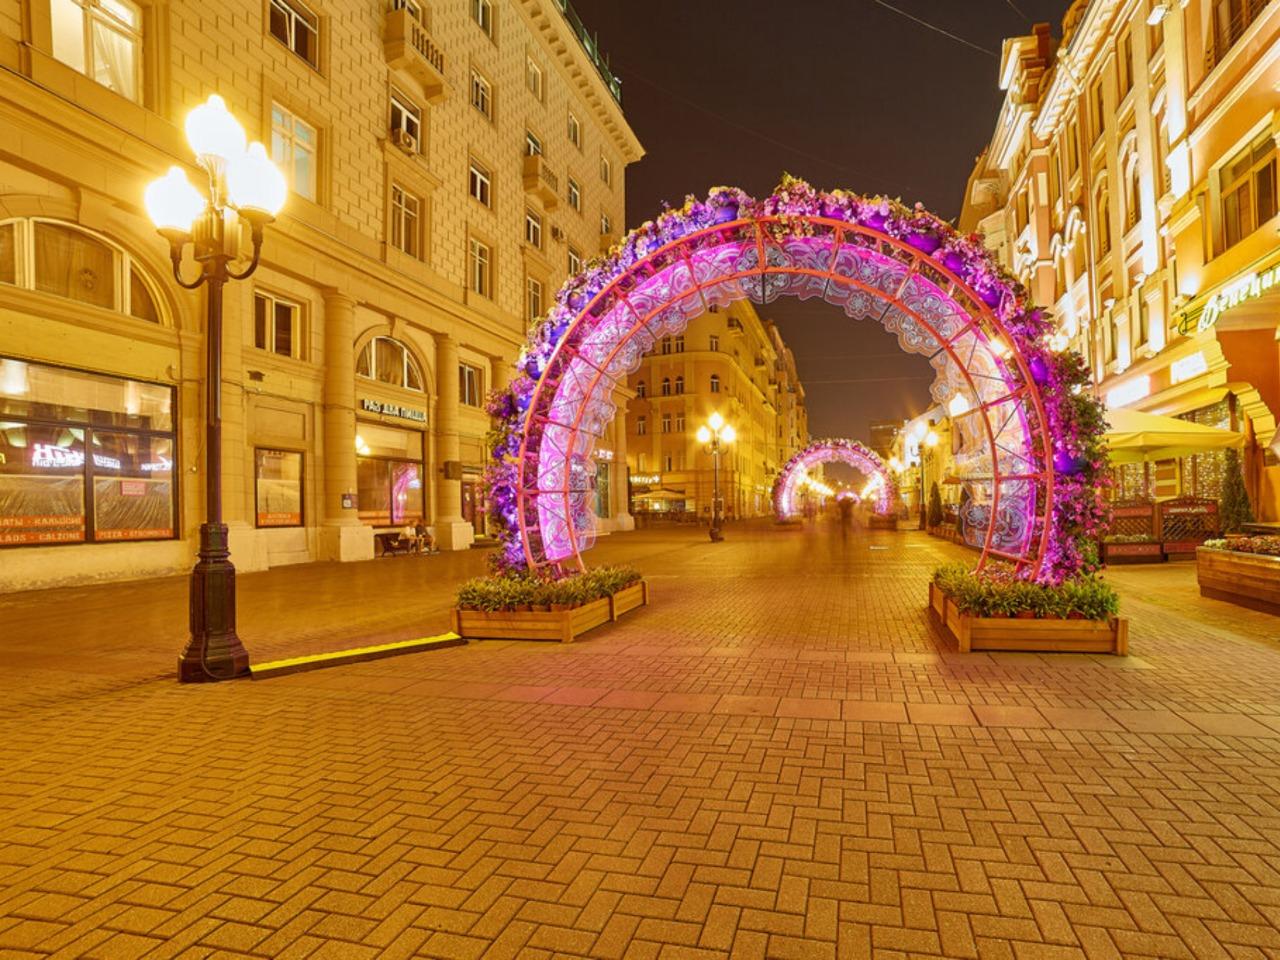 Арбат и Пречистенка: поэзия столичных улиц - индивидуальная экскурсия по Москве от опытного гида